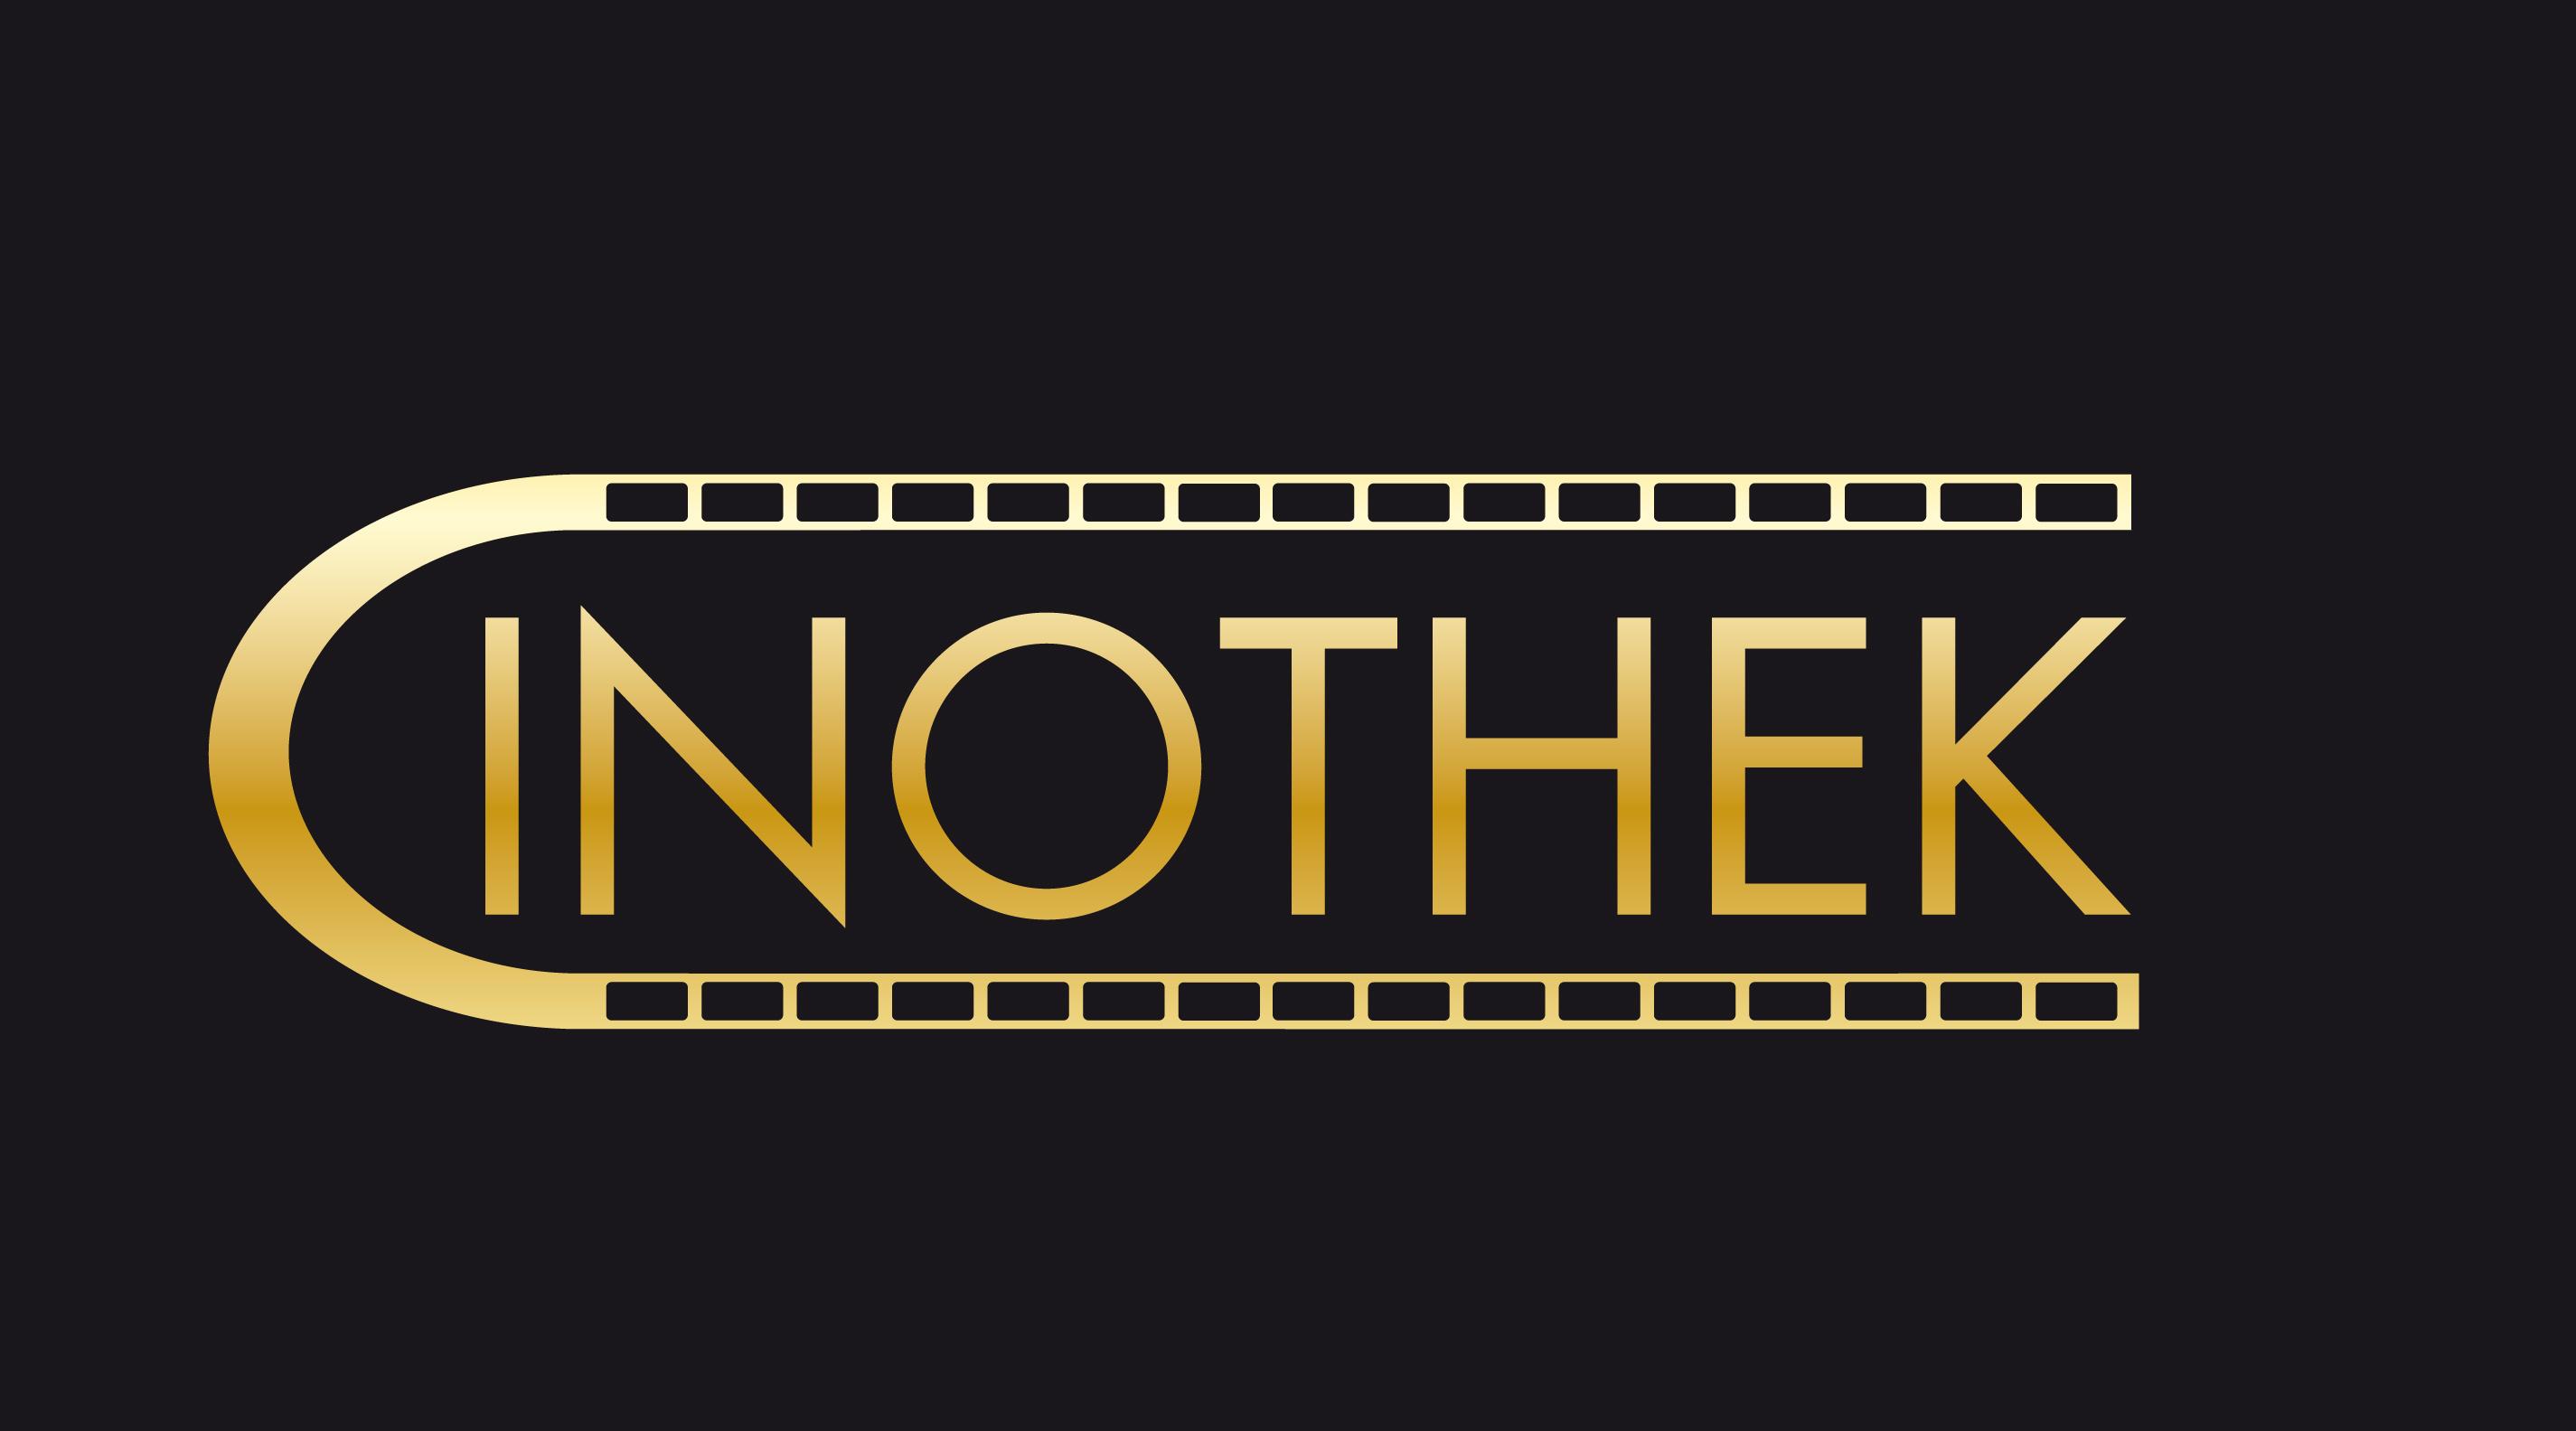 Logo_Cinothek_meesing